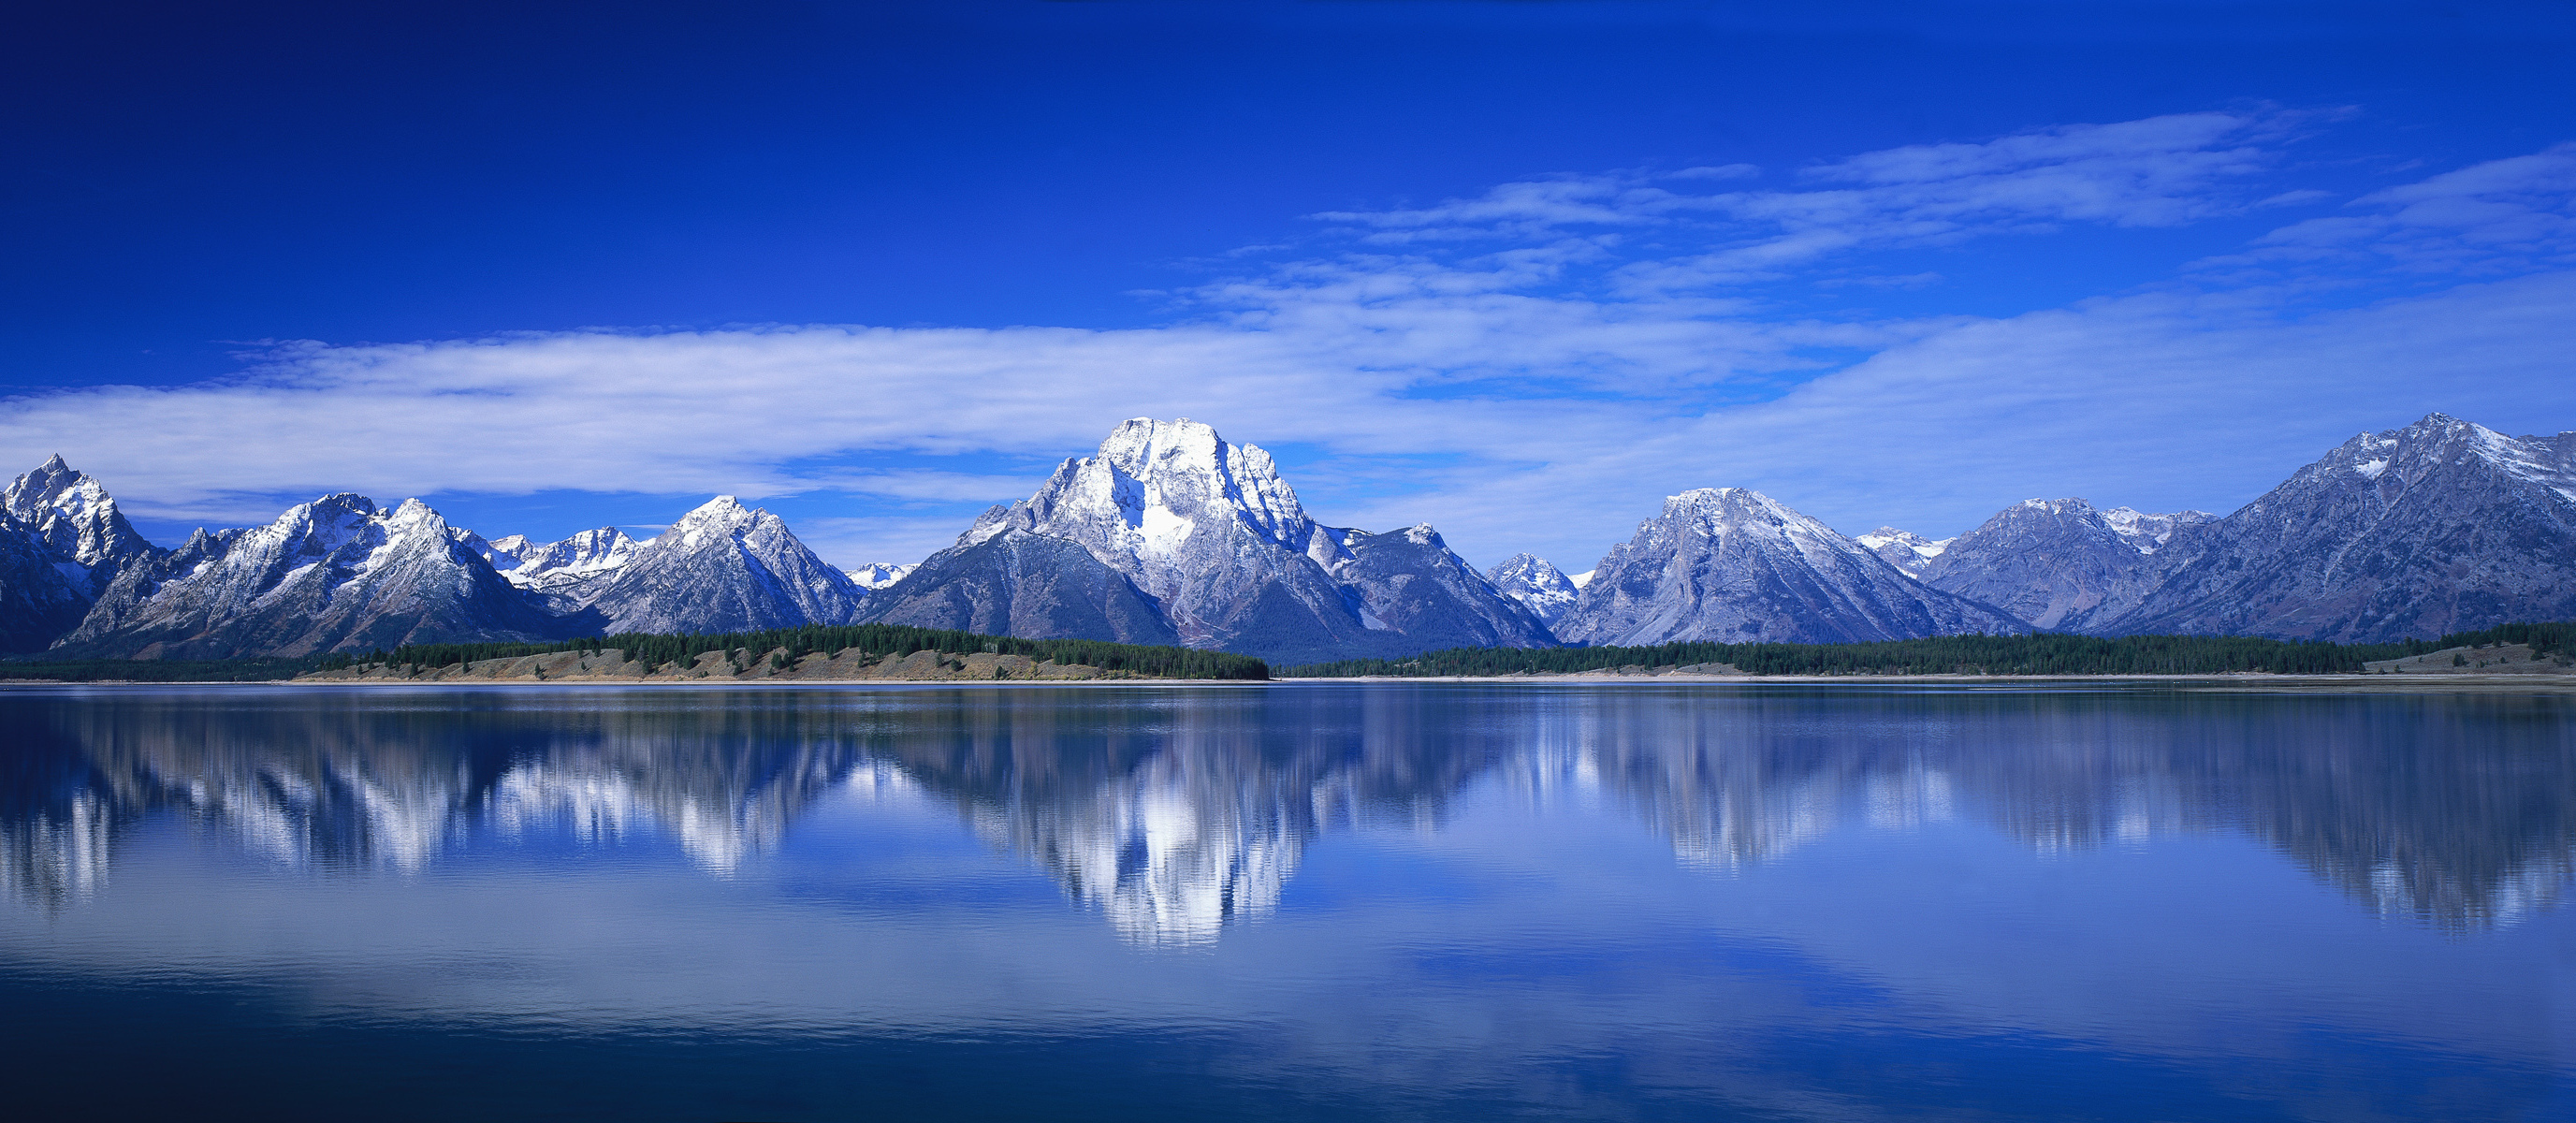 Горы, озеро, поле, звезды, облака бесплатно